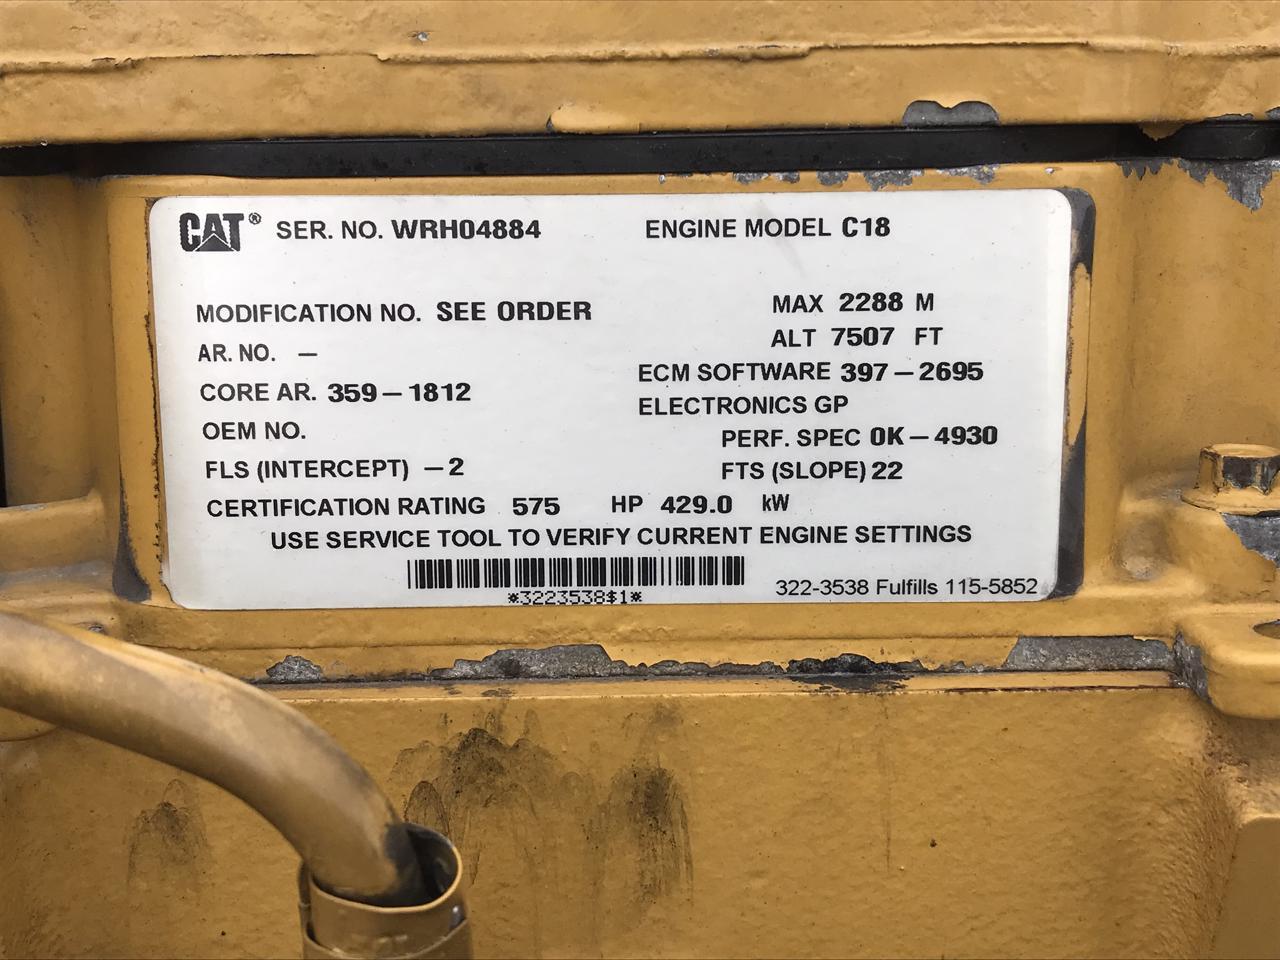 C18 Cat Engine, 575 HP, Year 2013, SAE 1, 14